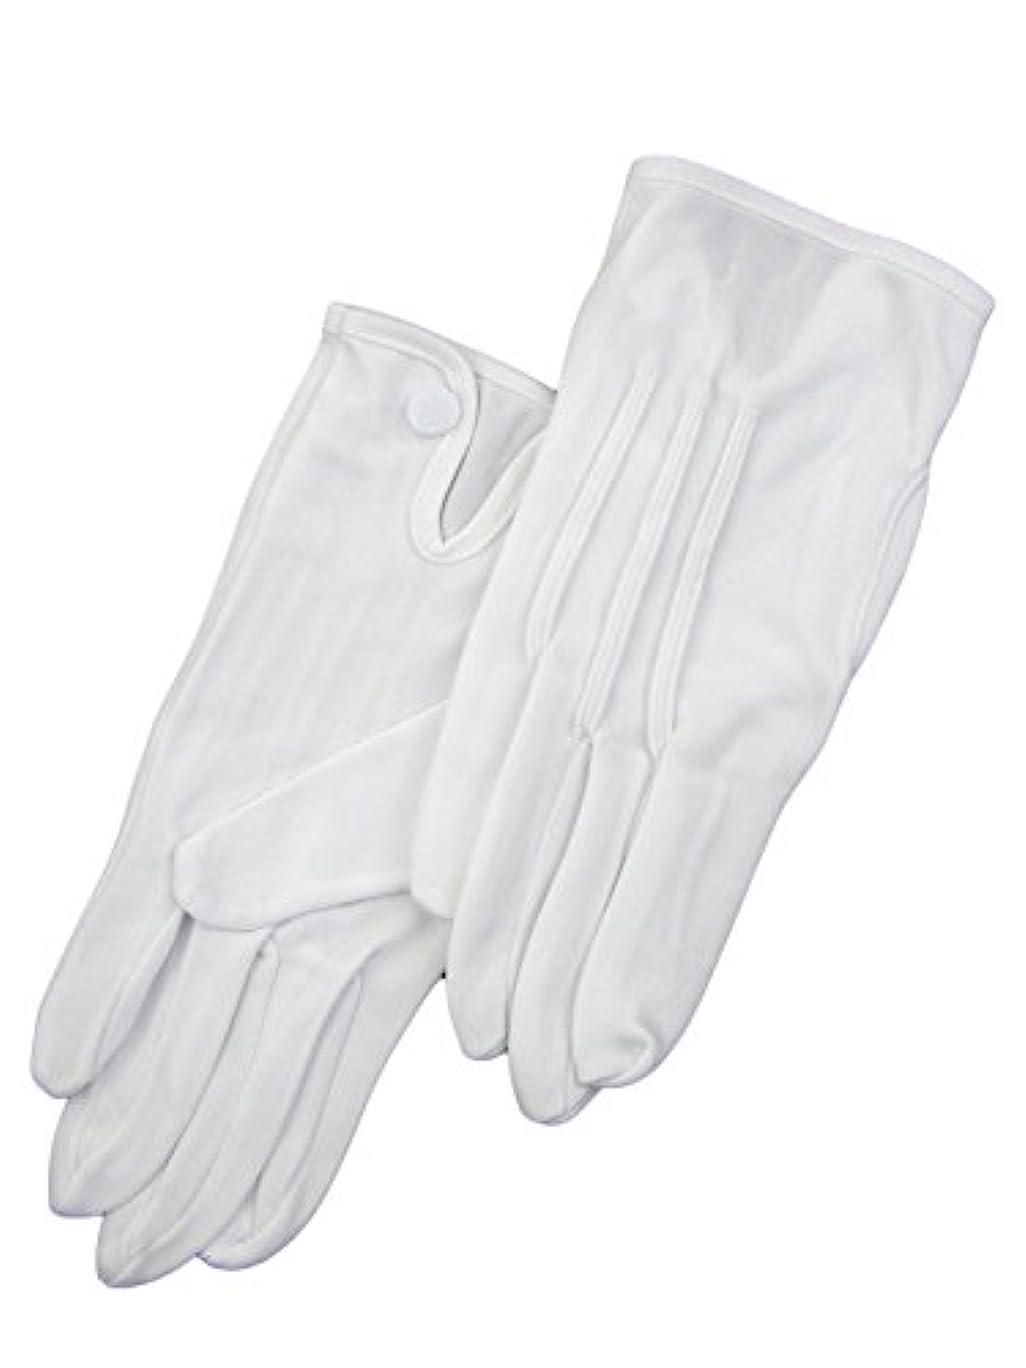 持参放置超える紳士白ナイロン手袋 105 シロ L